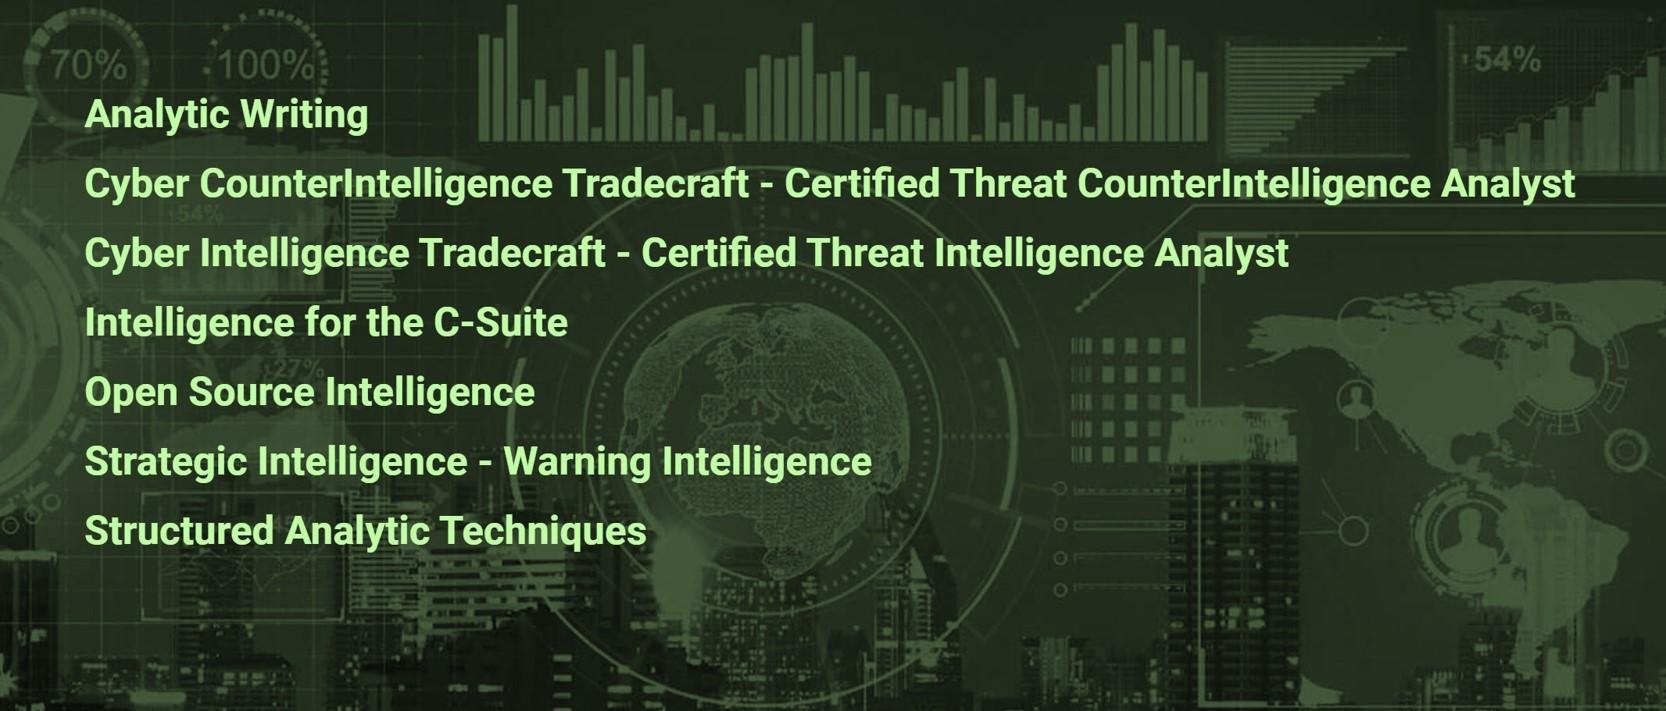 Cyber Intelligence Tradecraft Certification | Treadstone 71